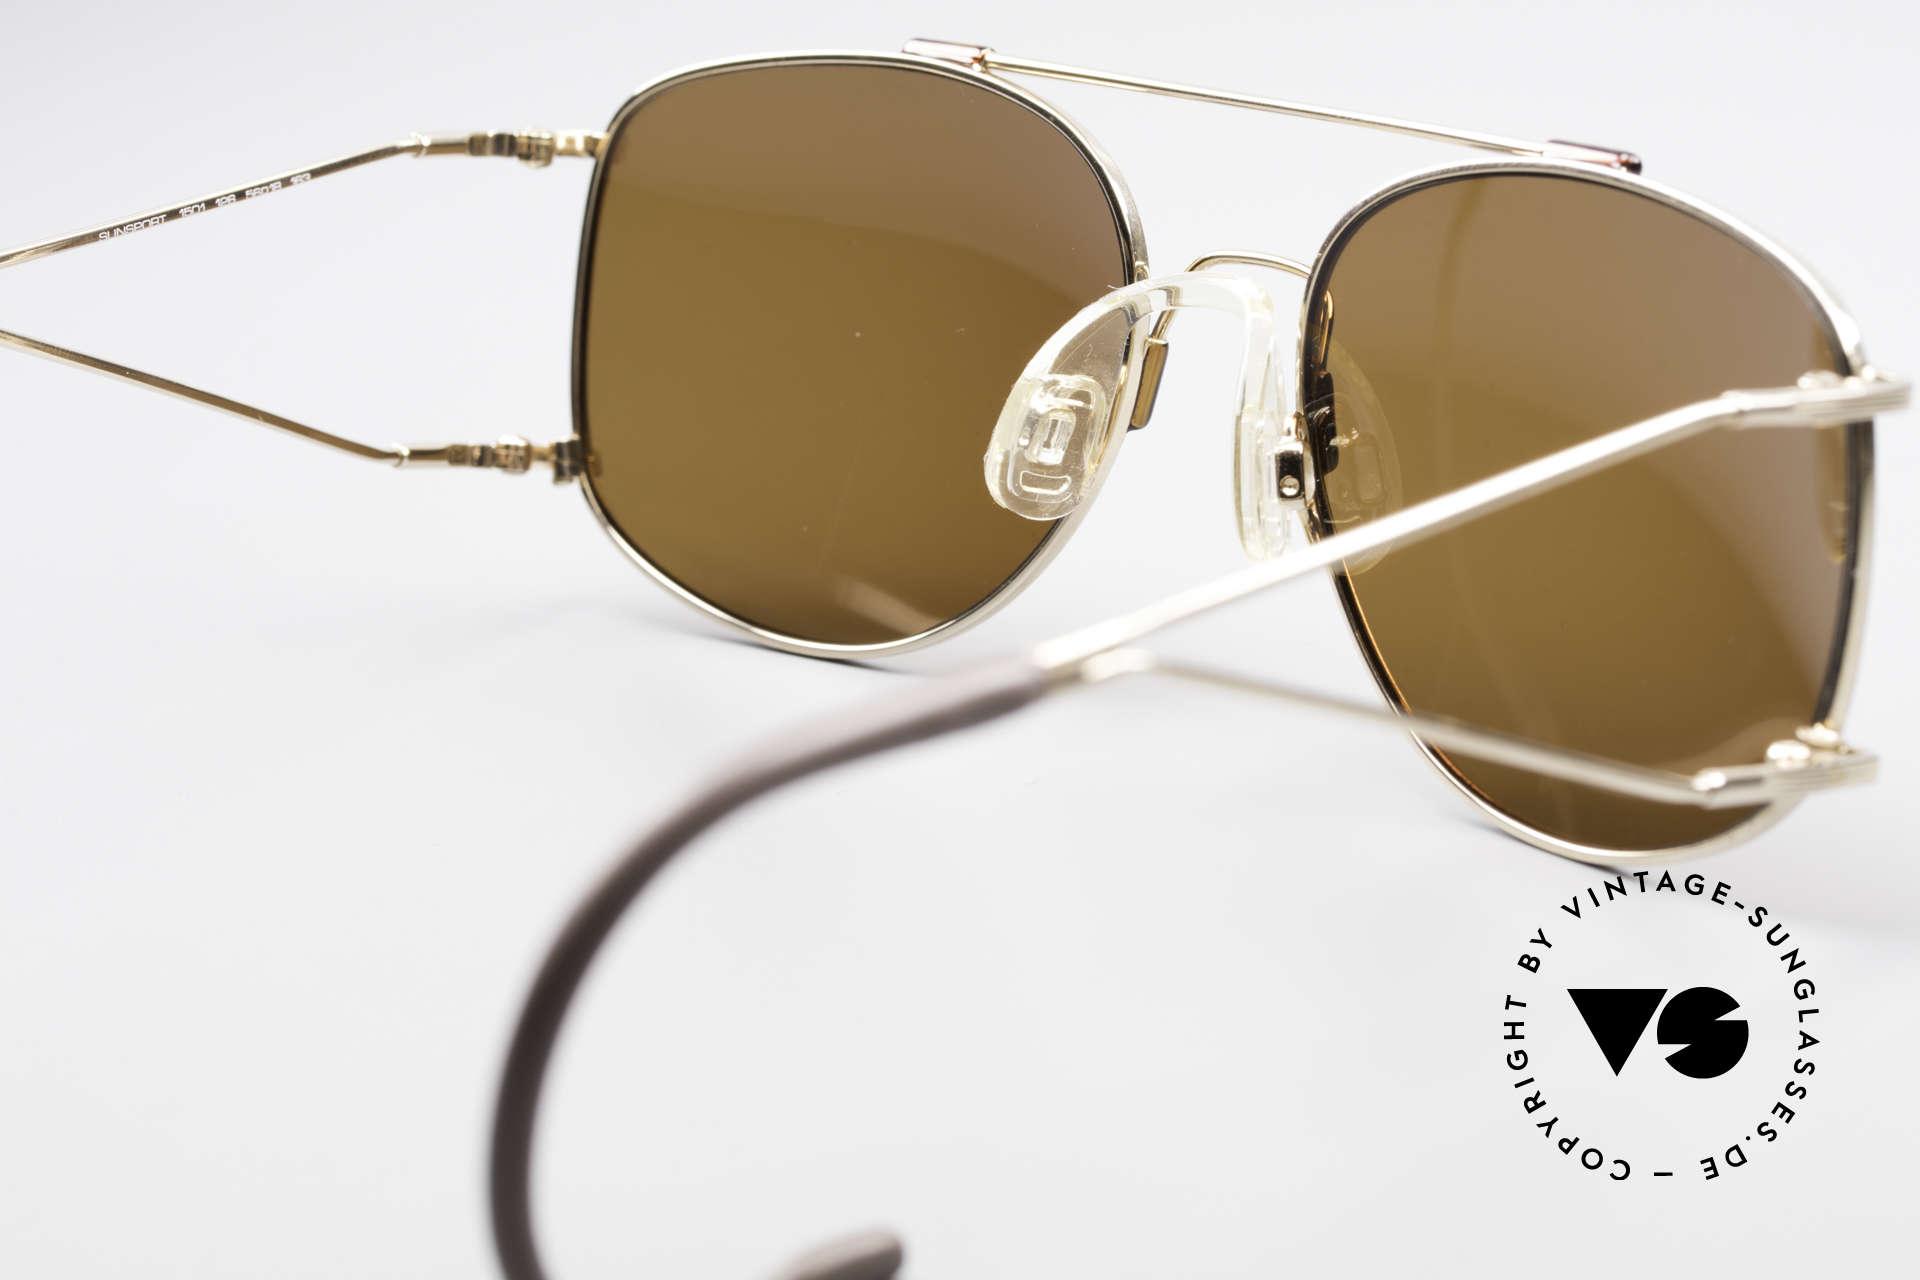 Neostyle Sunsport 1501 Titanflex Vintage Sonnenbrille, ungetragenes 1990er Original mit vintage Hartetui, Passend für Herren